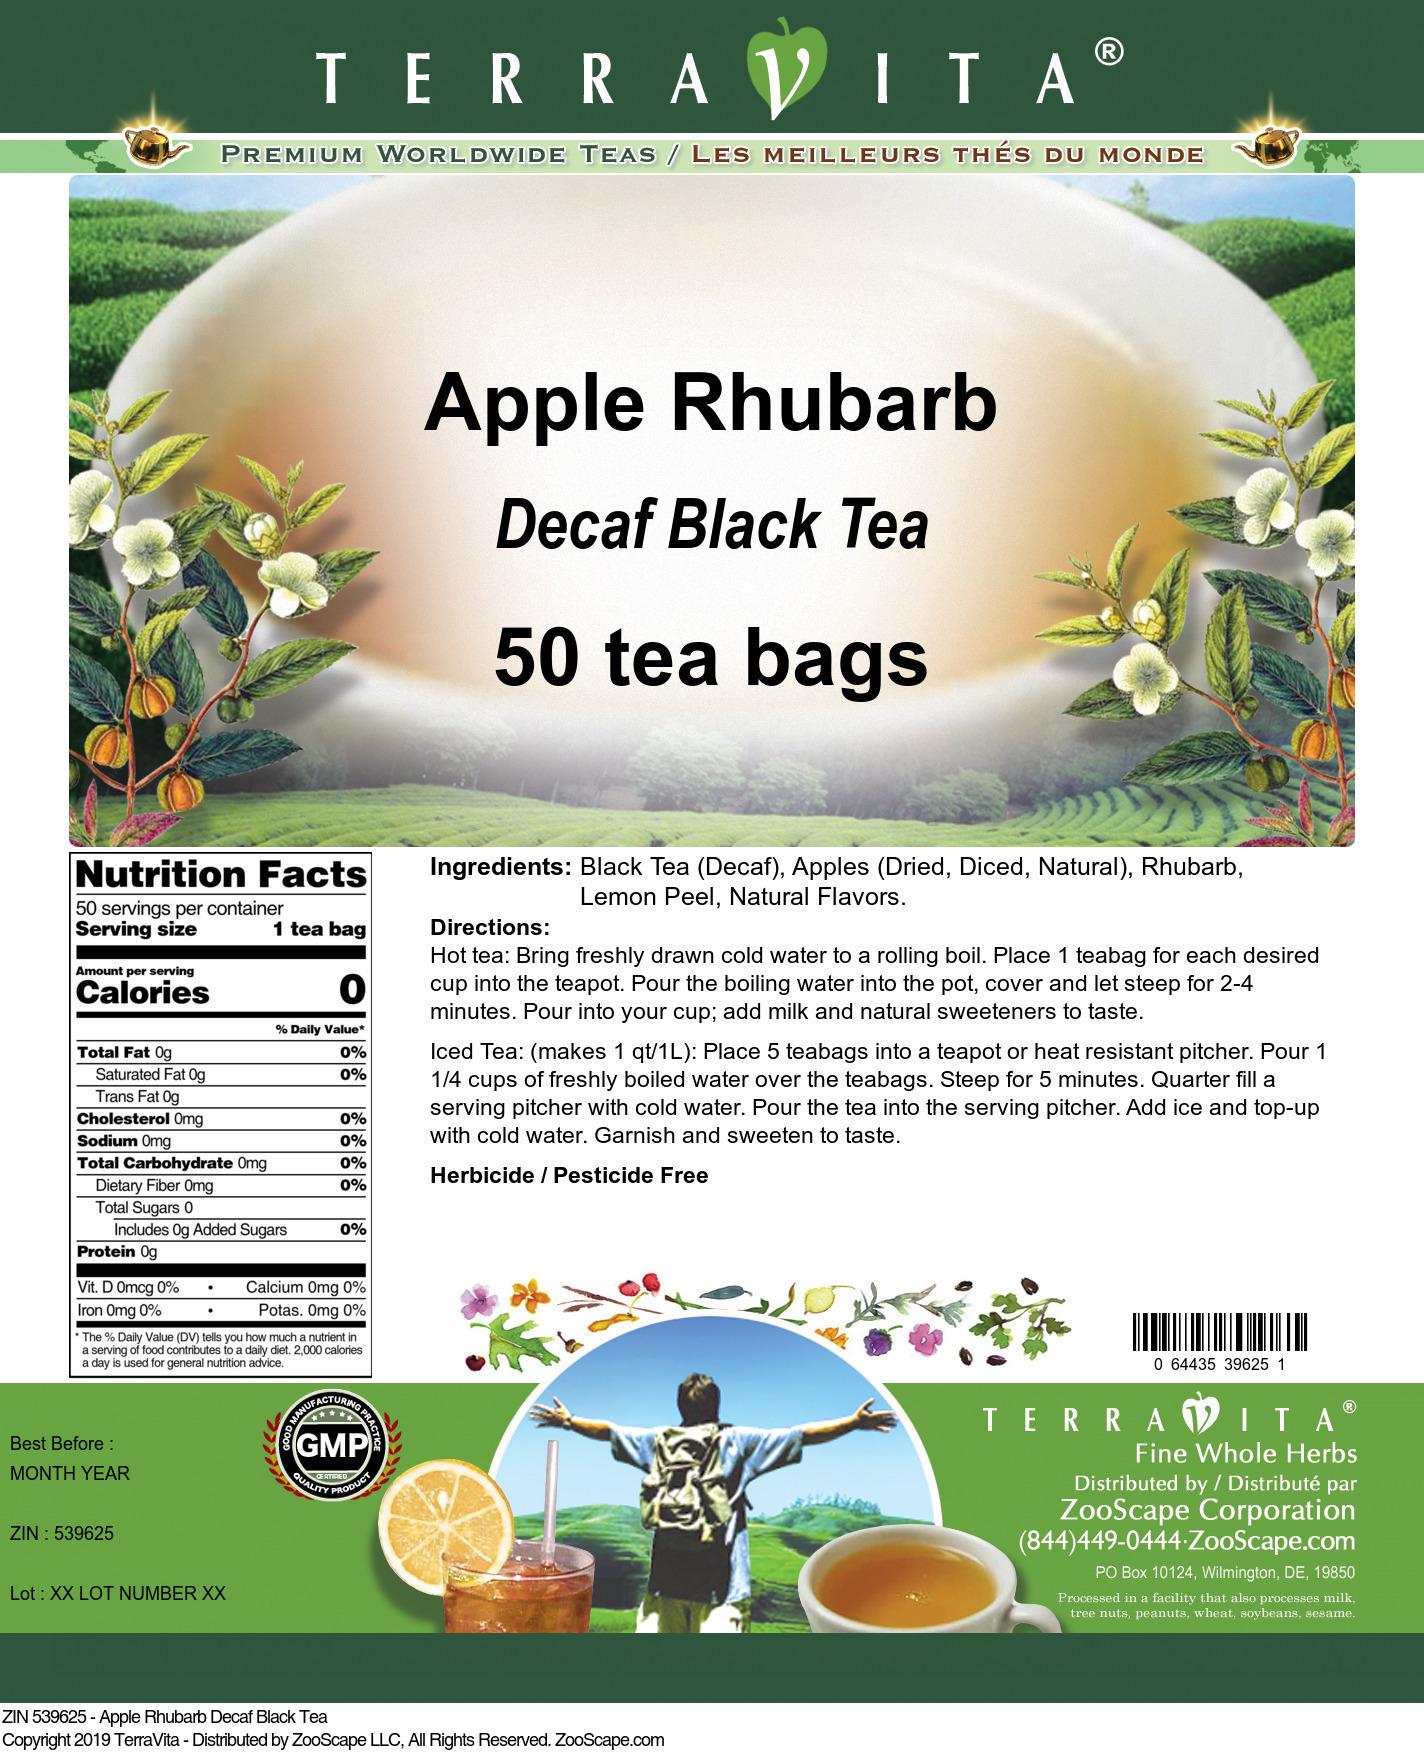 Apple Rhubarb Decaf Black Tea